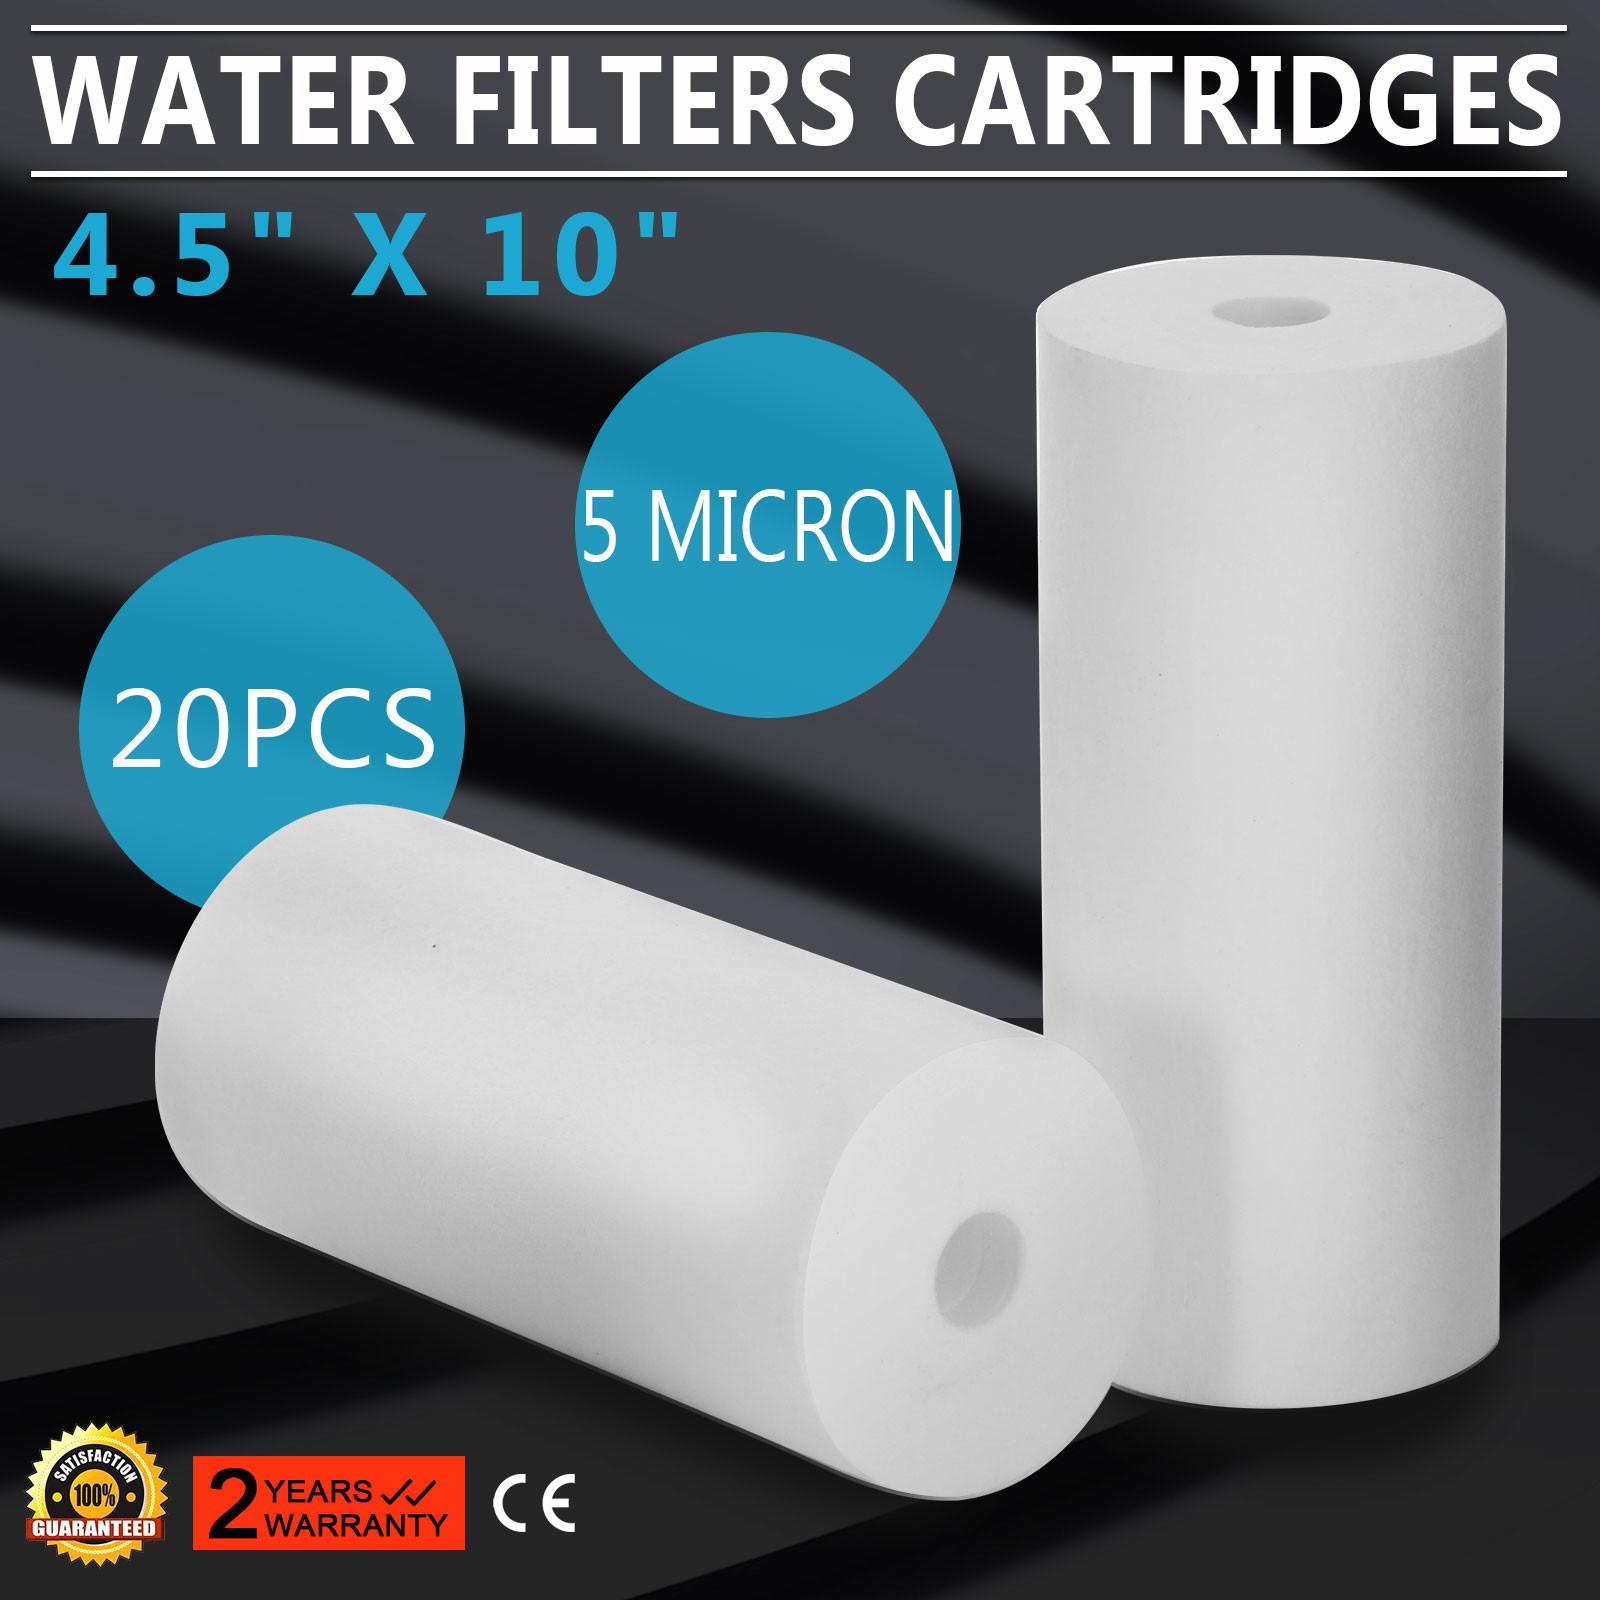 20Pcs-Cartouche-Filtre-a-eau-5-Micron-10-034-X-4-5-034-as-Brita-Bobine-Anti-boue